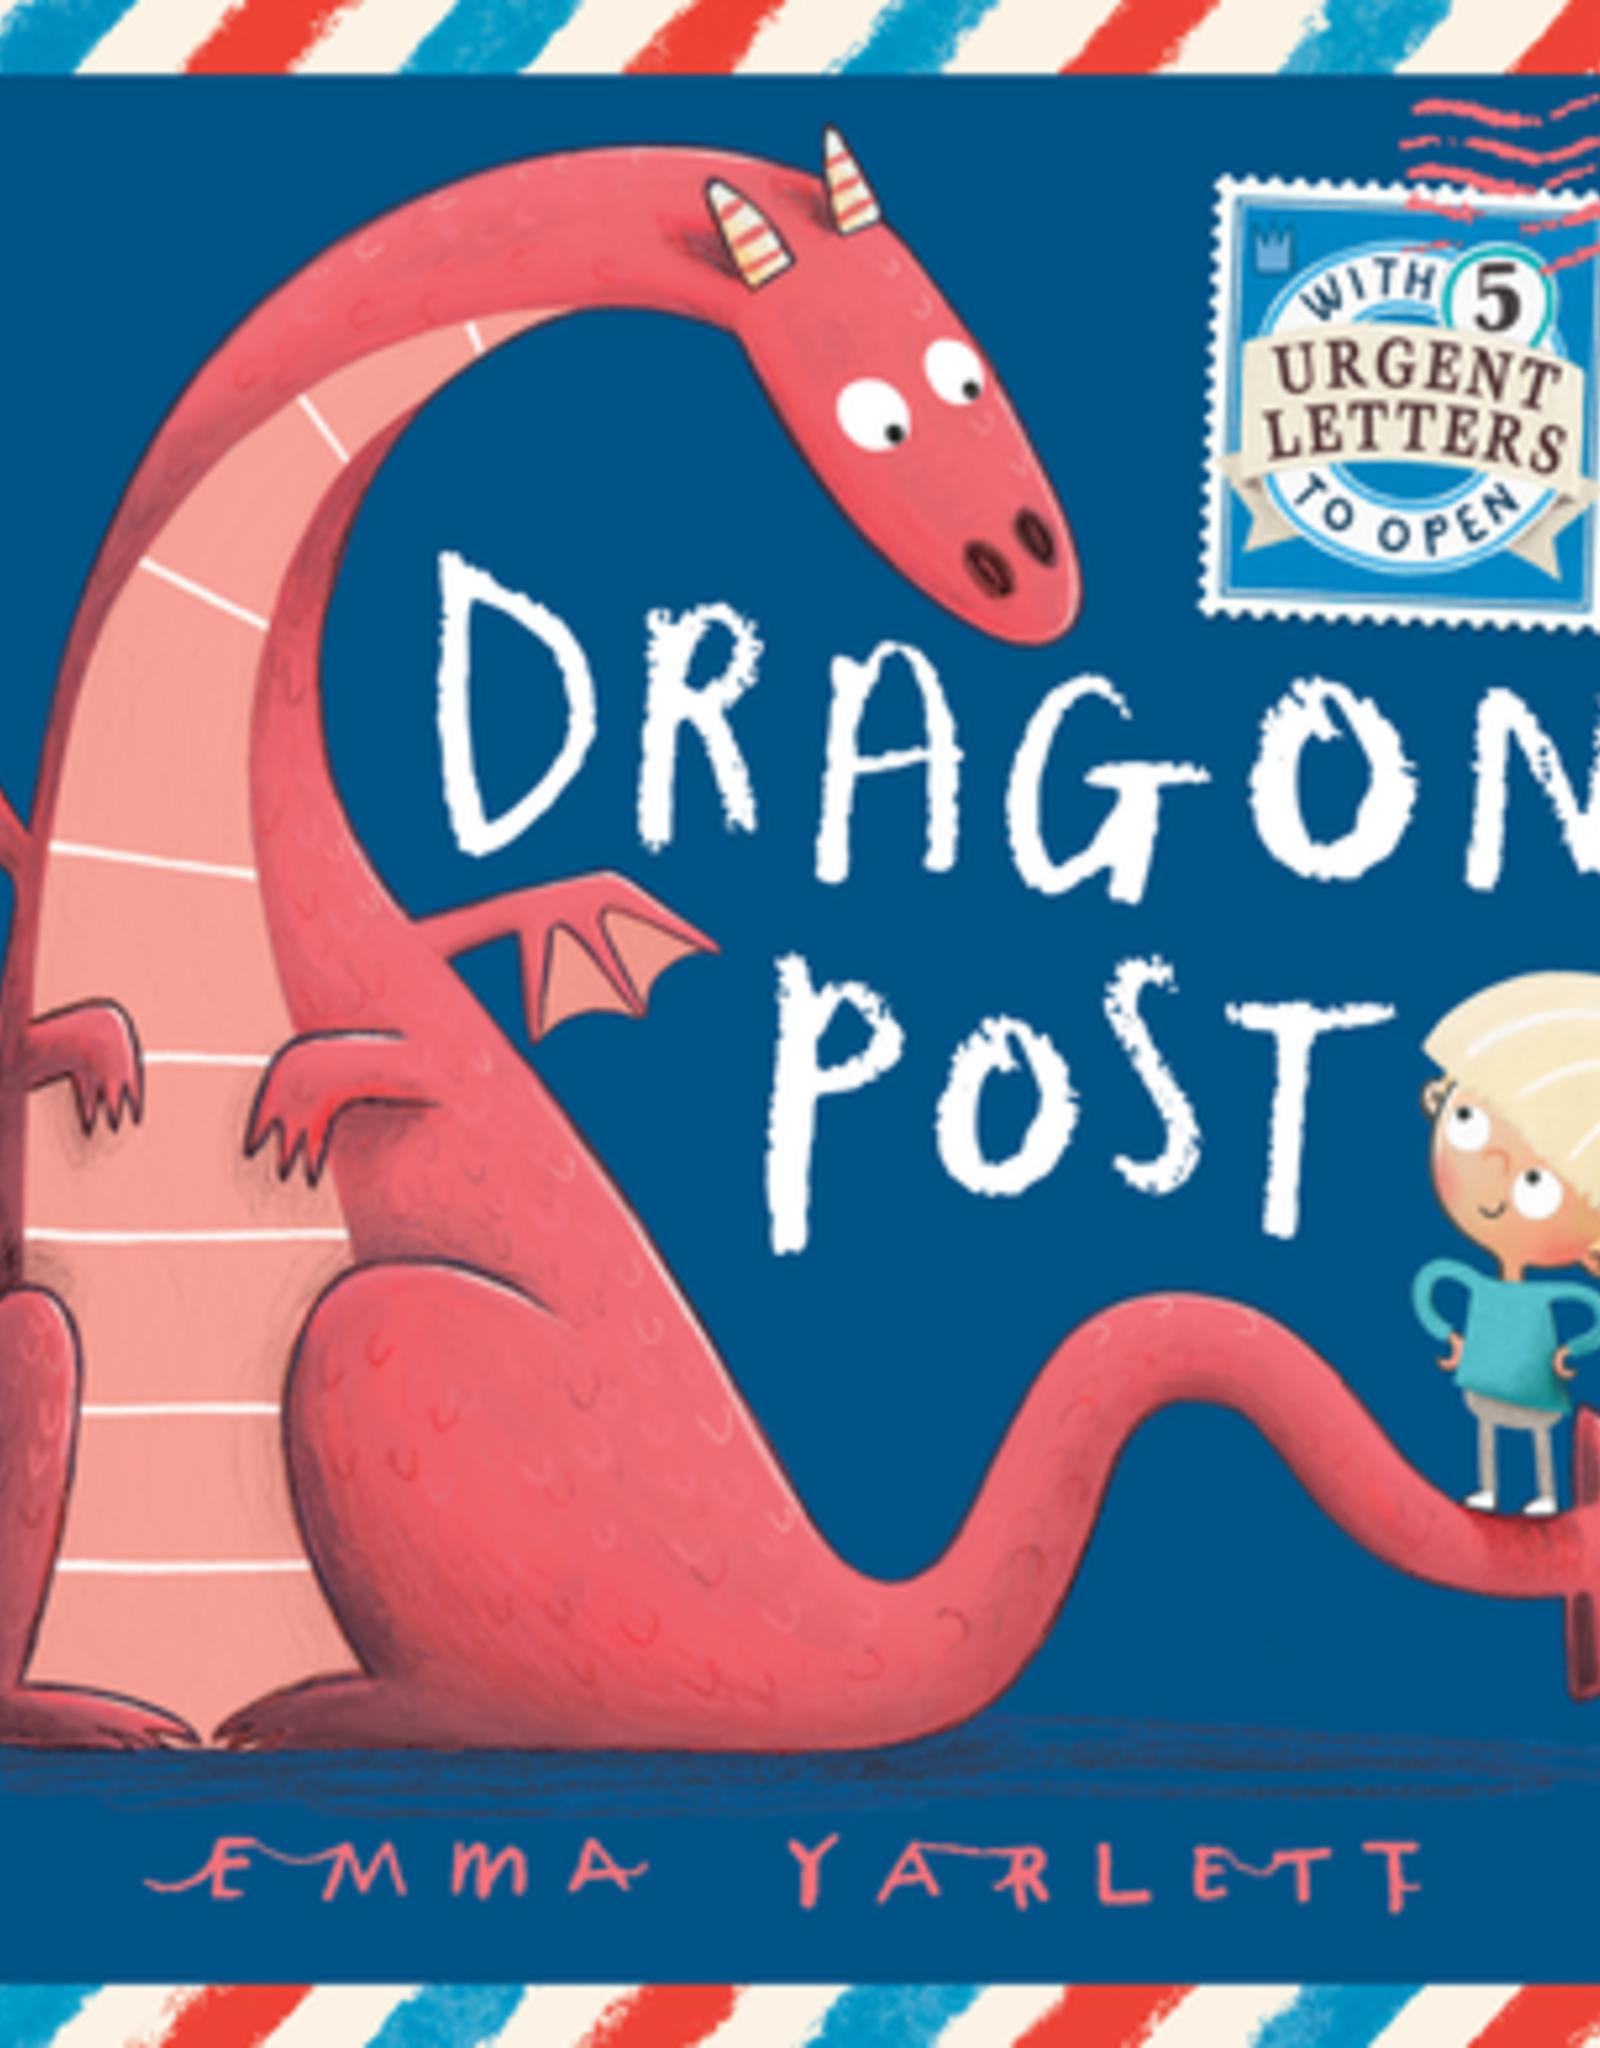 Kane Miller Dragon Post